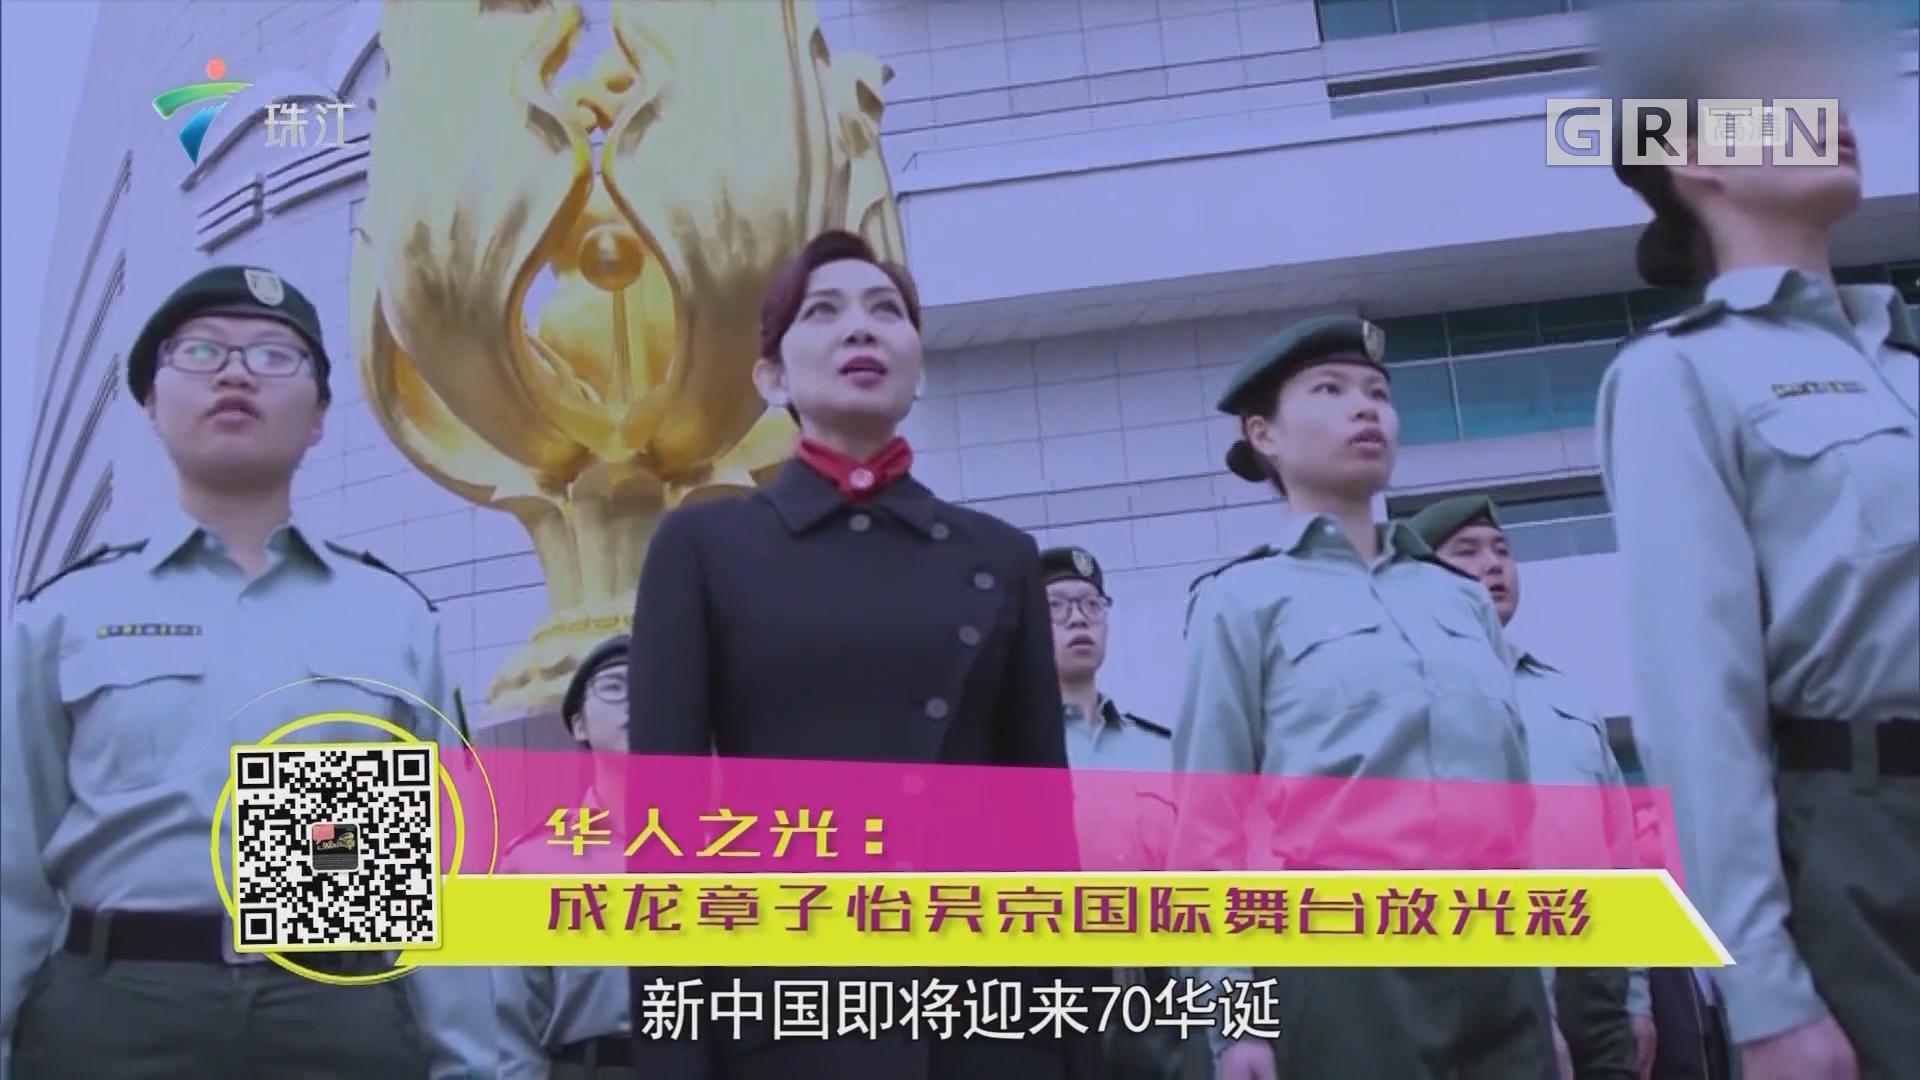 华人之光:成龙章子怡吴京国际舞台放光彩